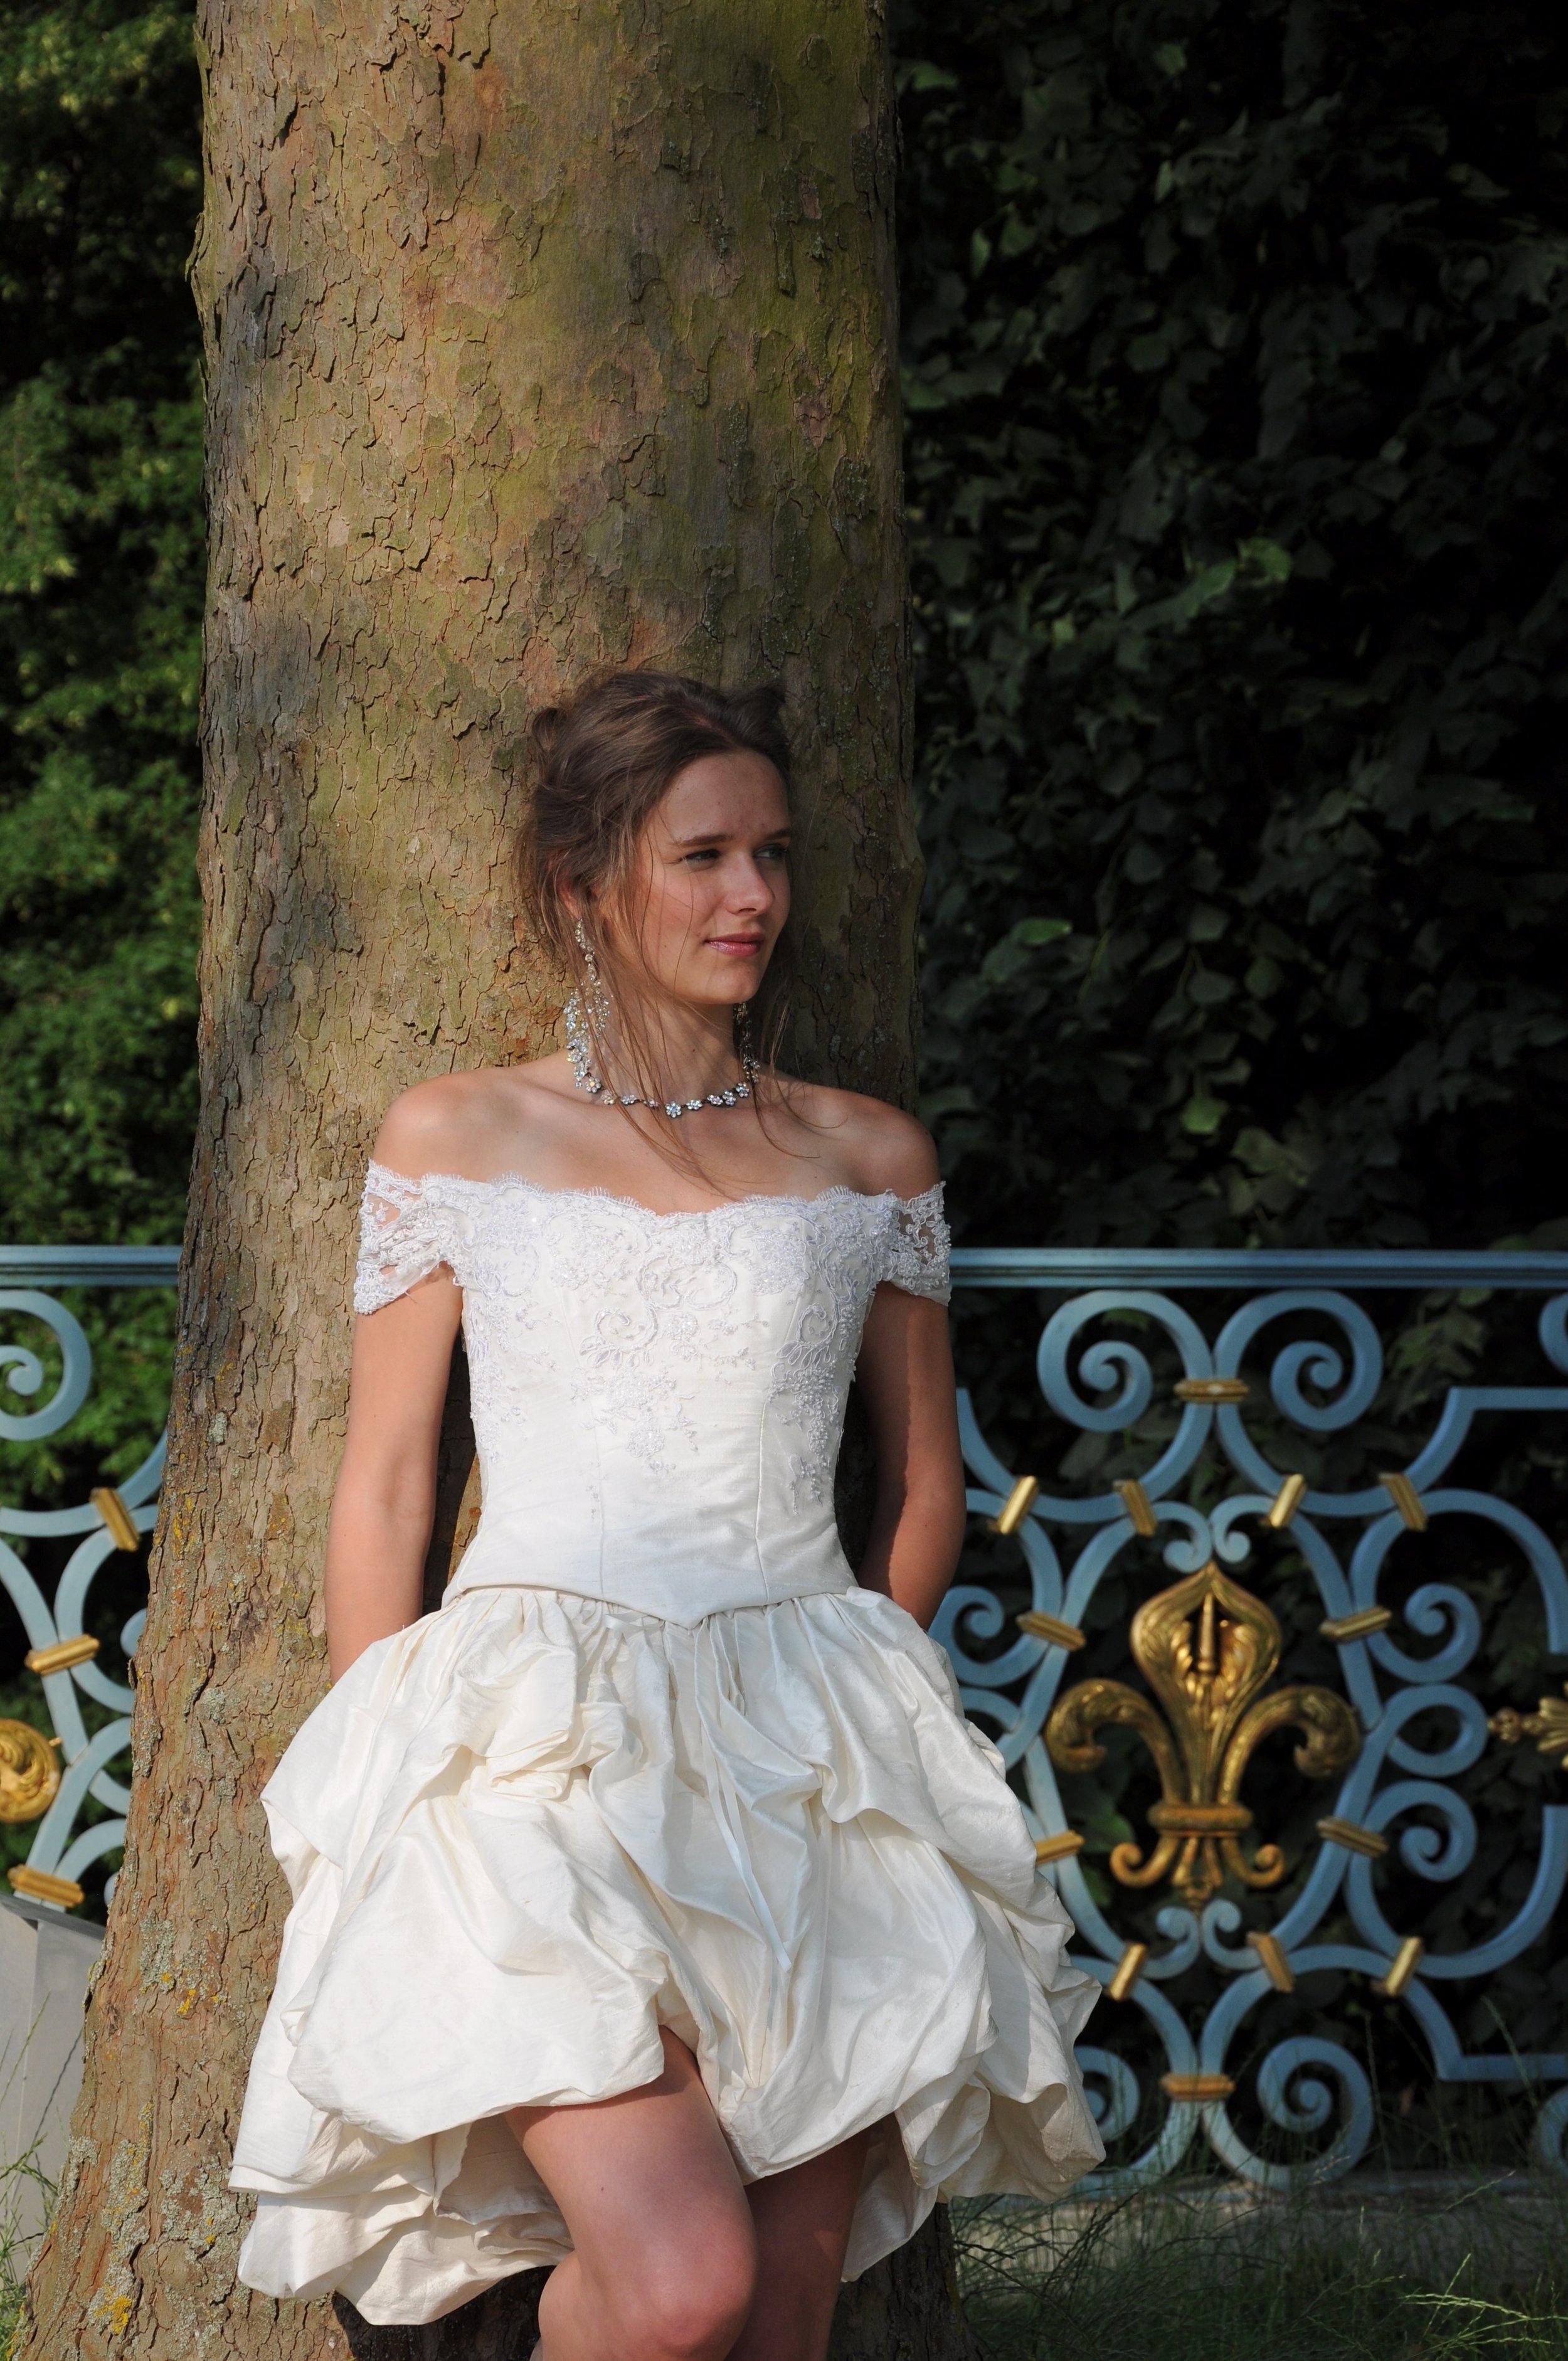 Robe de mariée Fantasia courte soie et tulle perlé Agnes Szabelewski.jpg